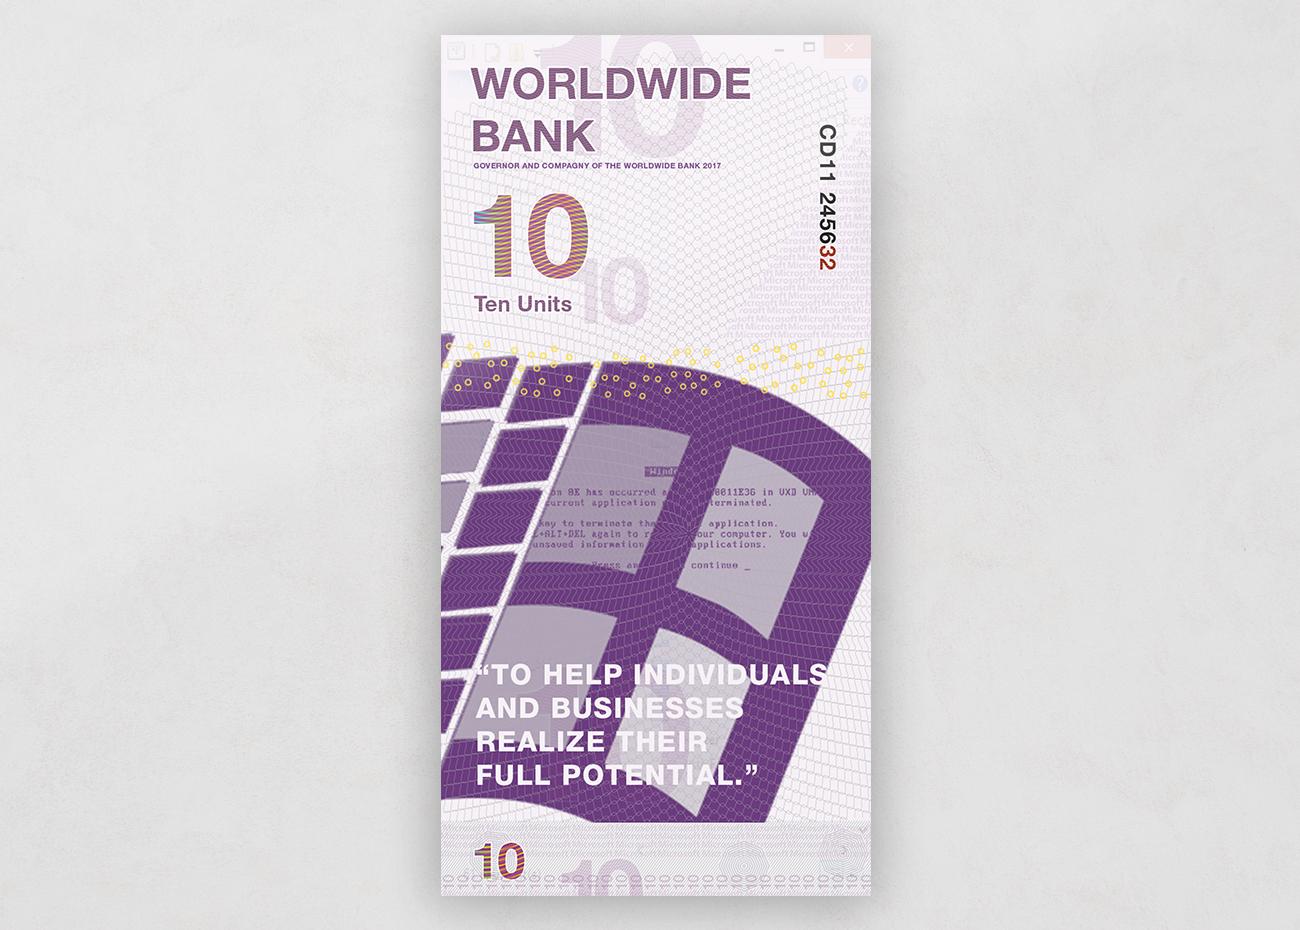 E se as marcas tivessem sua propria moeda?